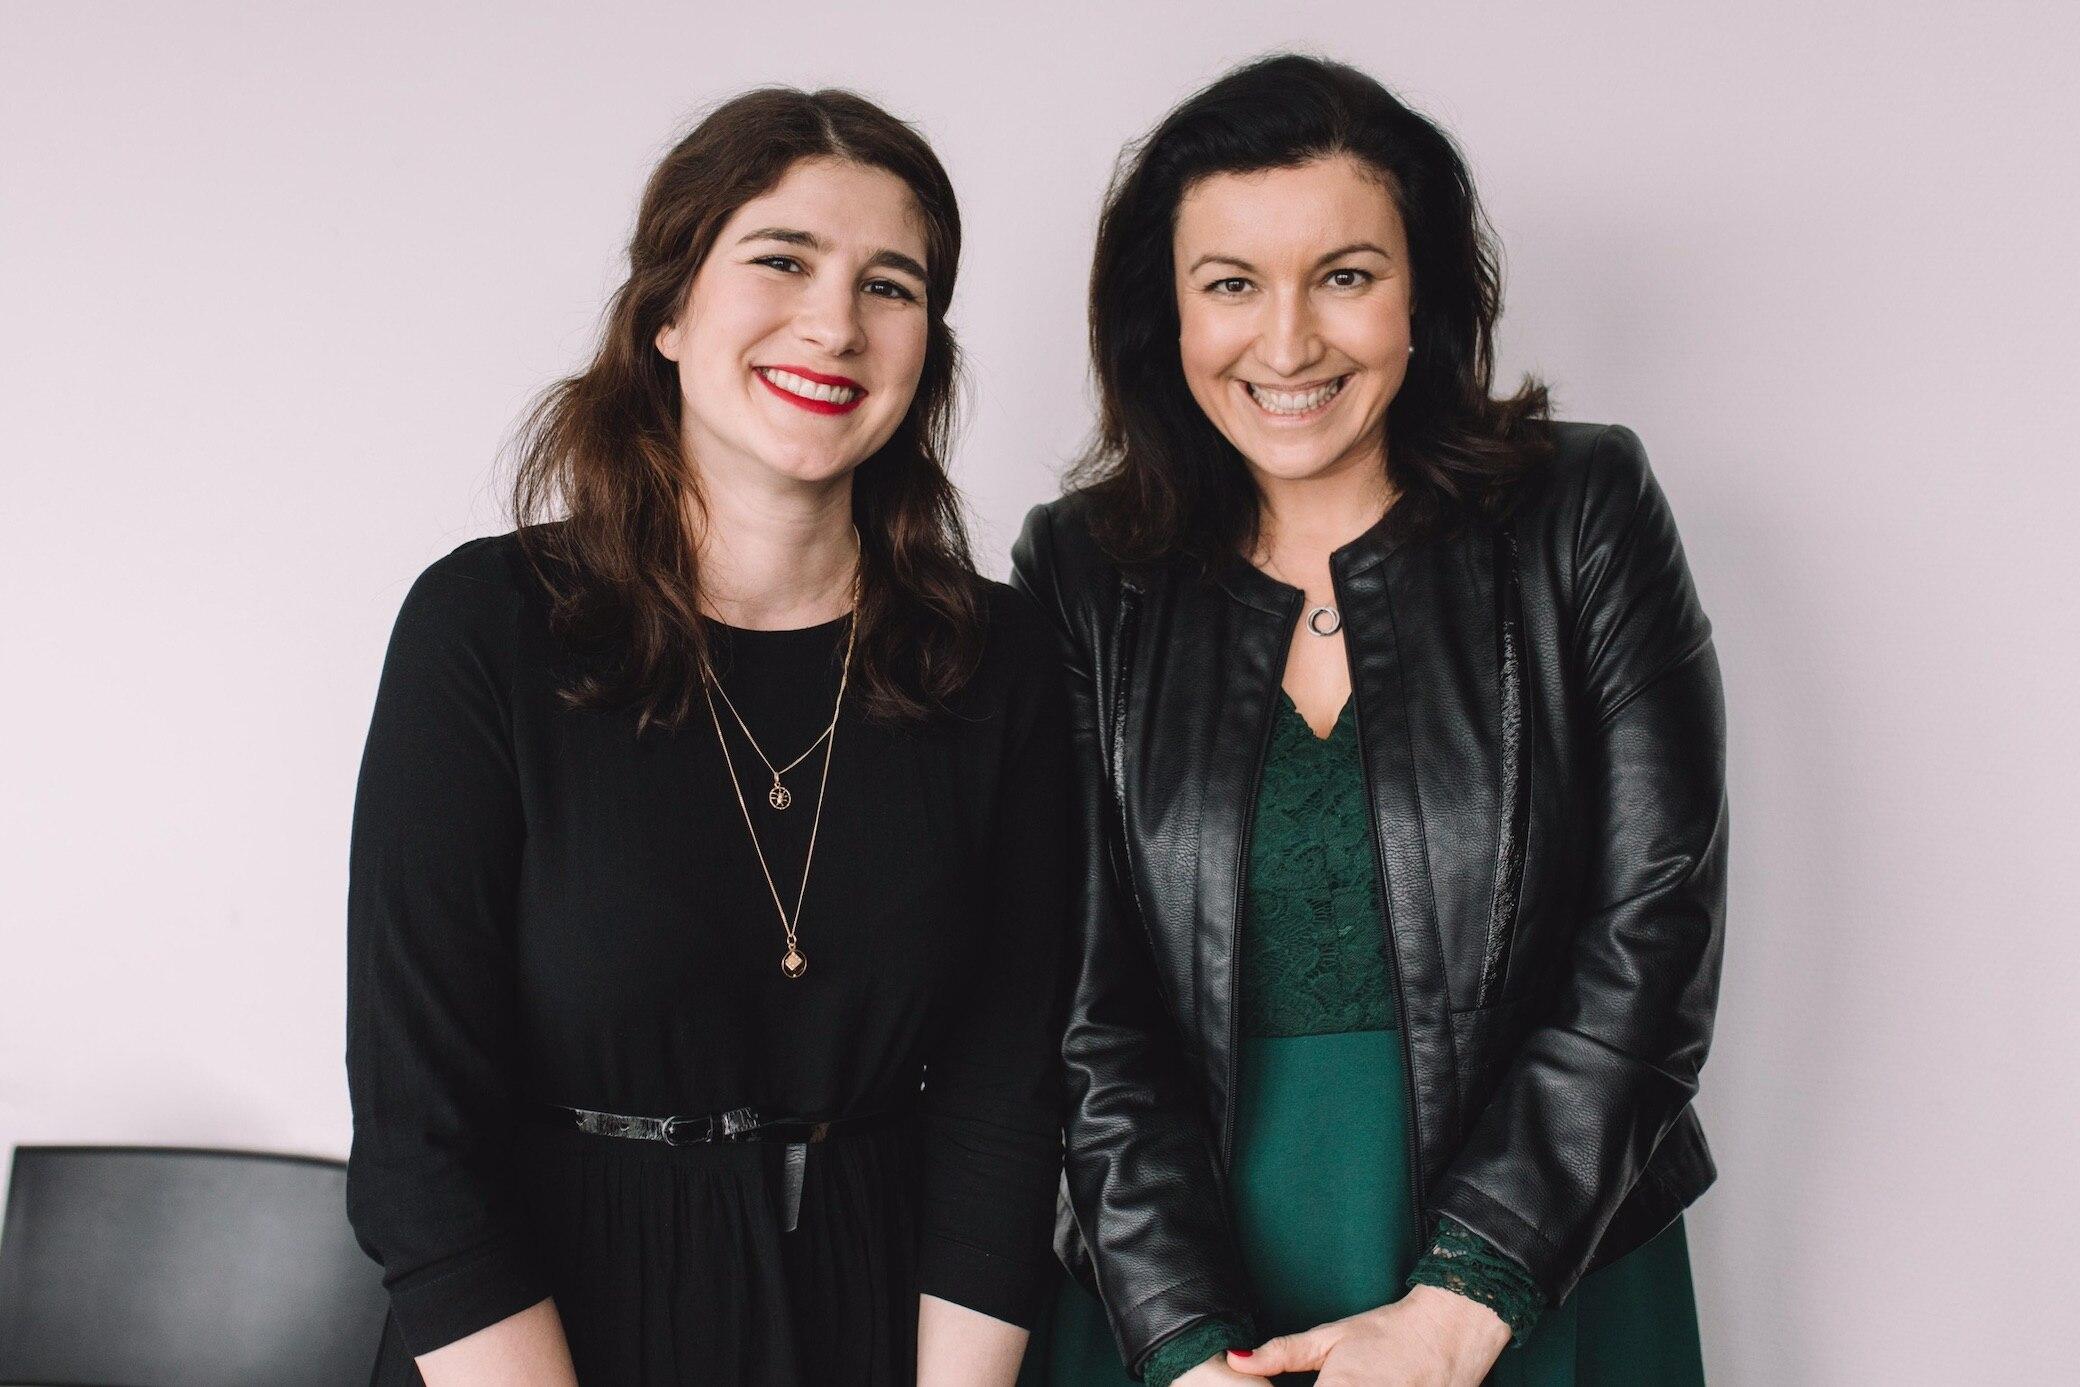 Daniela Garrasi (l.) und Dorothee Bär